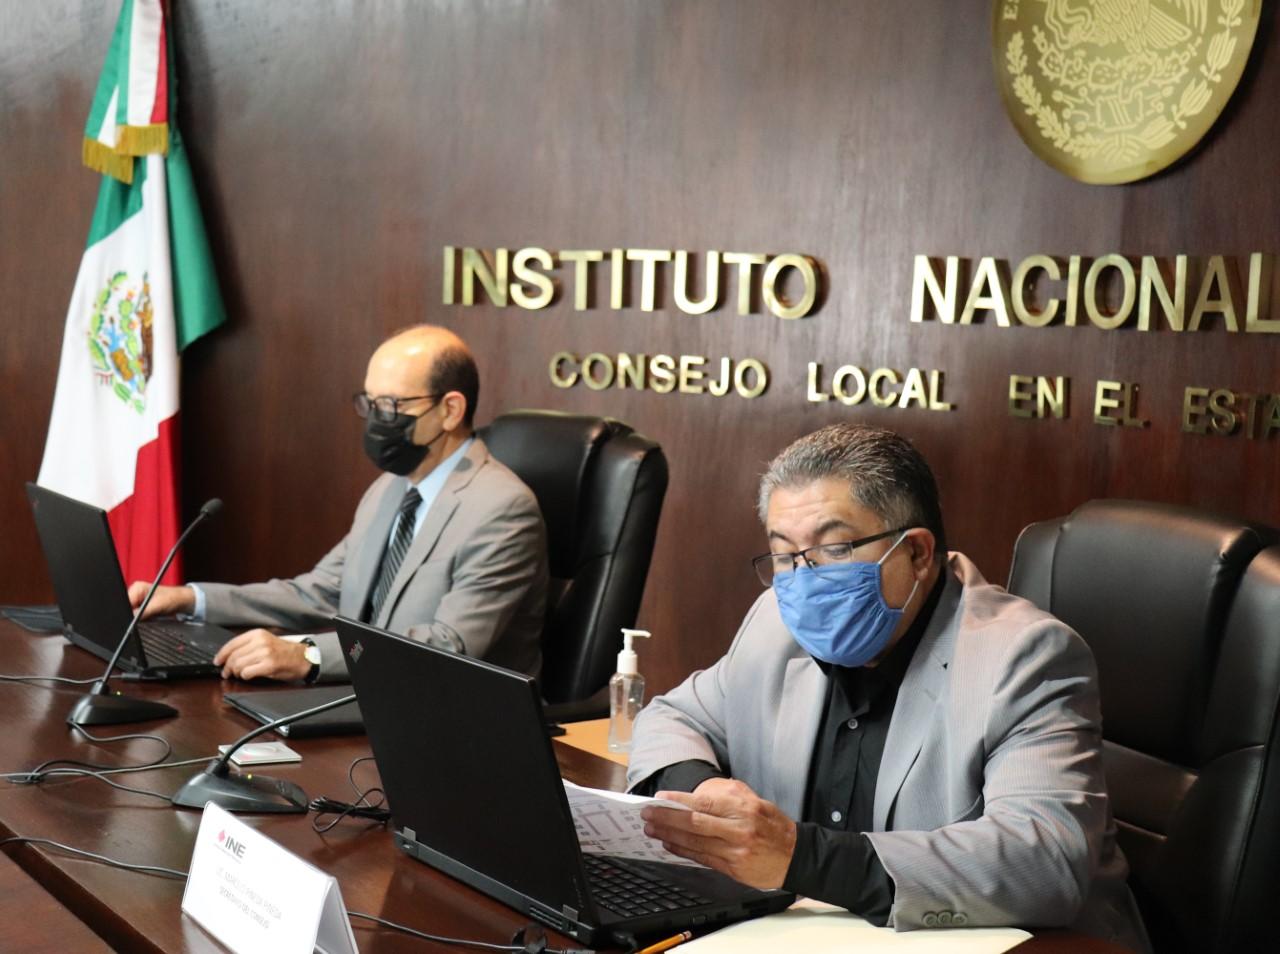 Oficial: INE confirma victoria de Morena en 11 distritos de Puebla